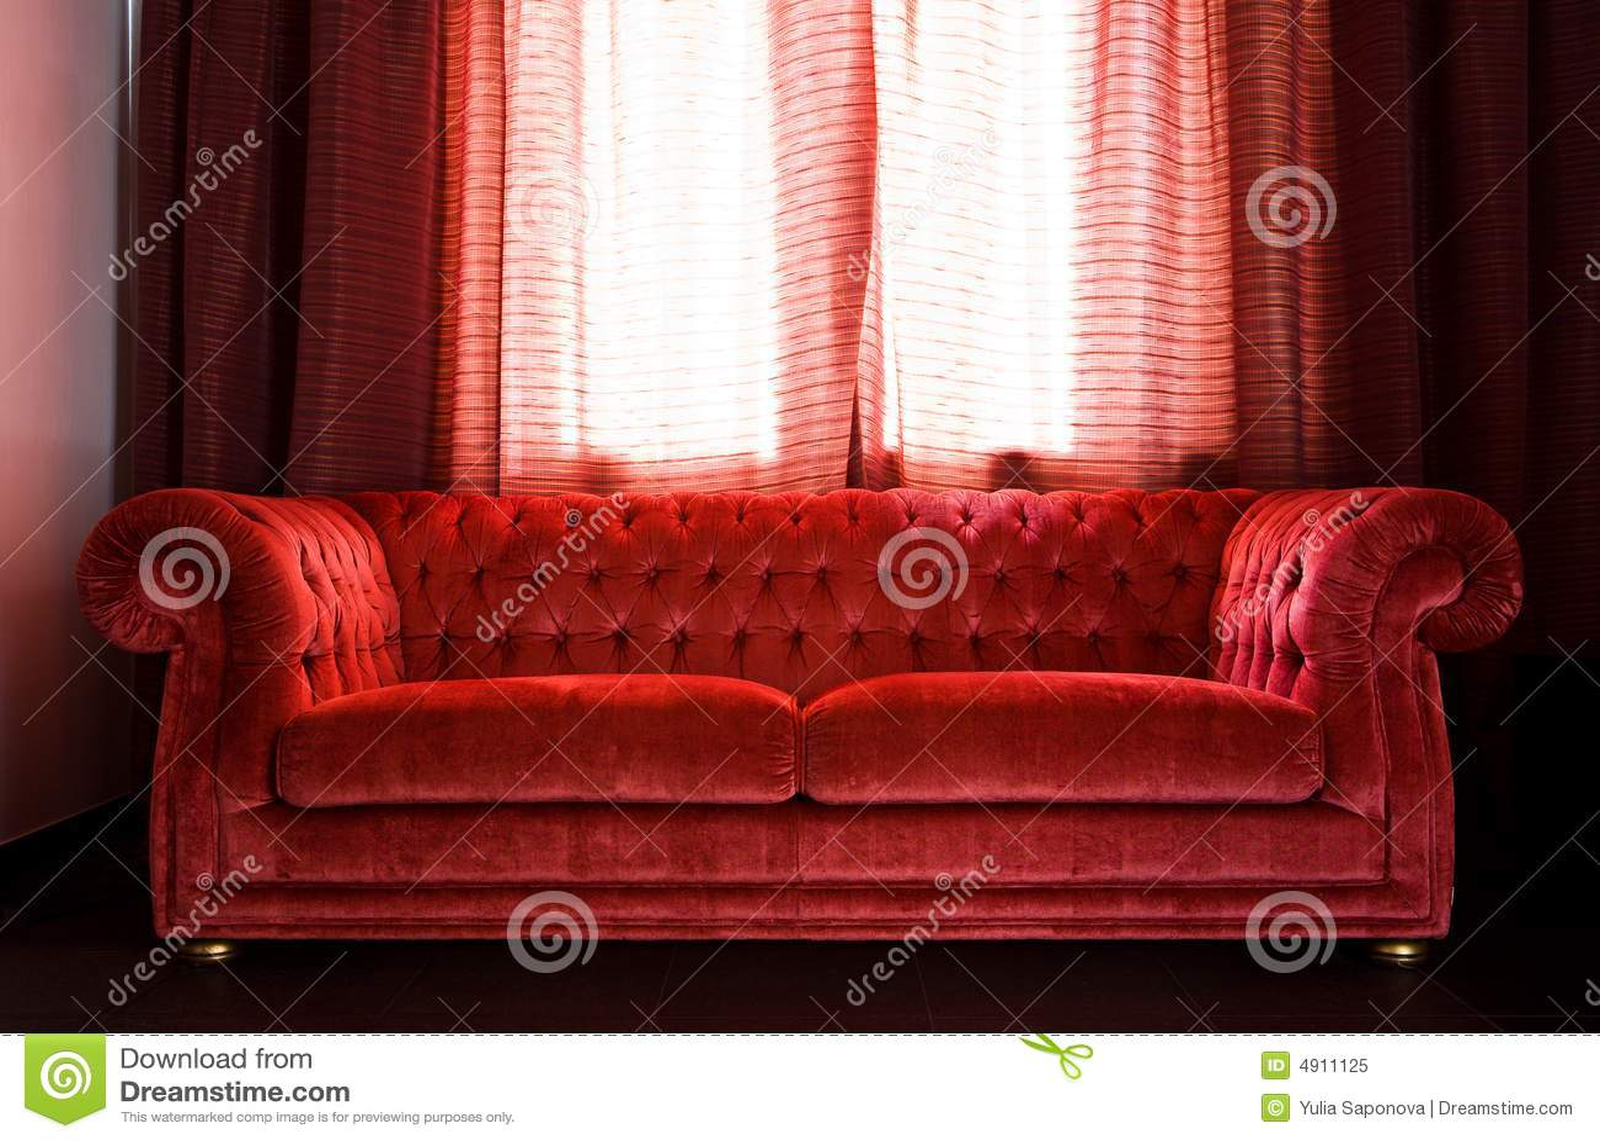 Sala De Estar Com Um Sofa ~ Sala De Estar Com Um Sofá Vermelho Foto de Stock Royalty Free